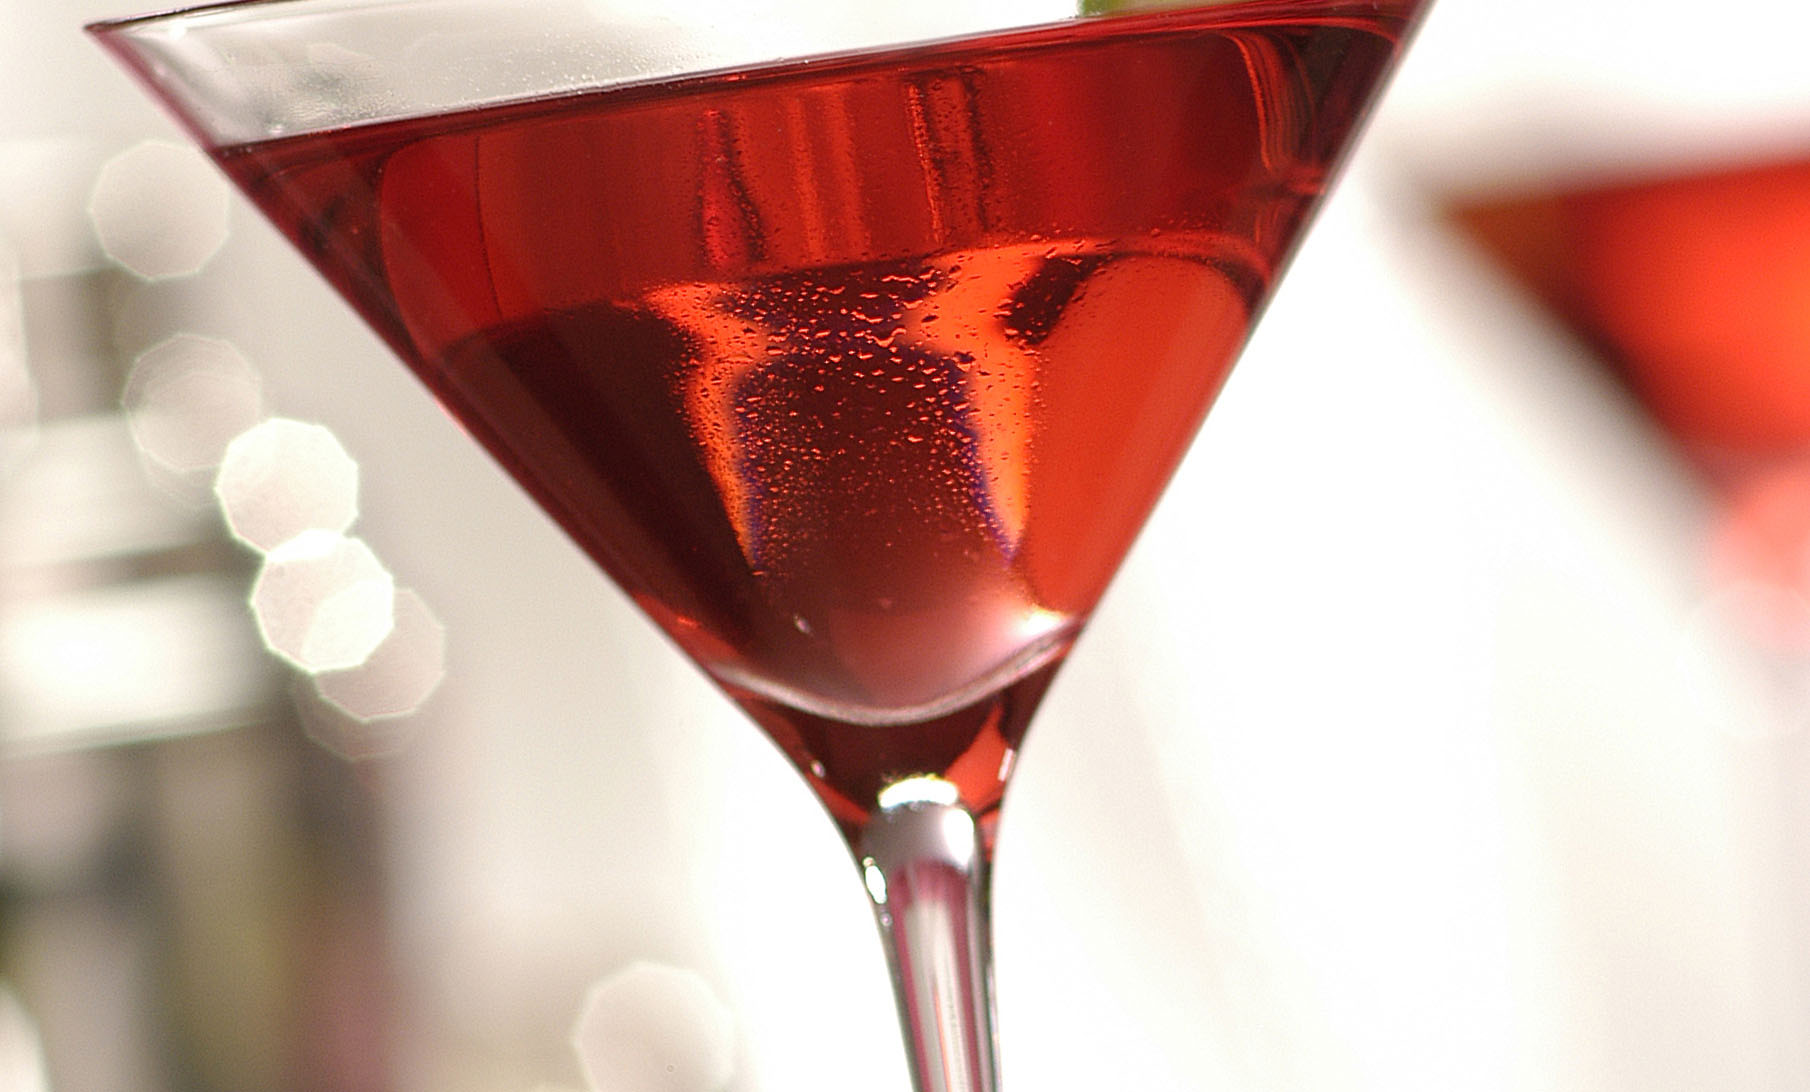 Saint valentin philtre d amour recettes elle table - Philtre d amour recette ...